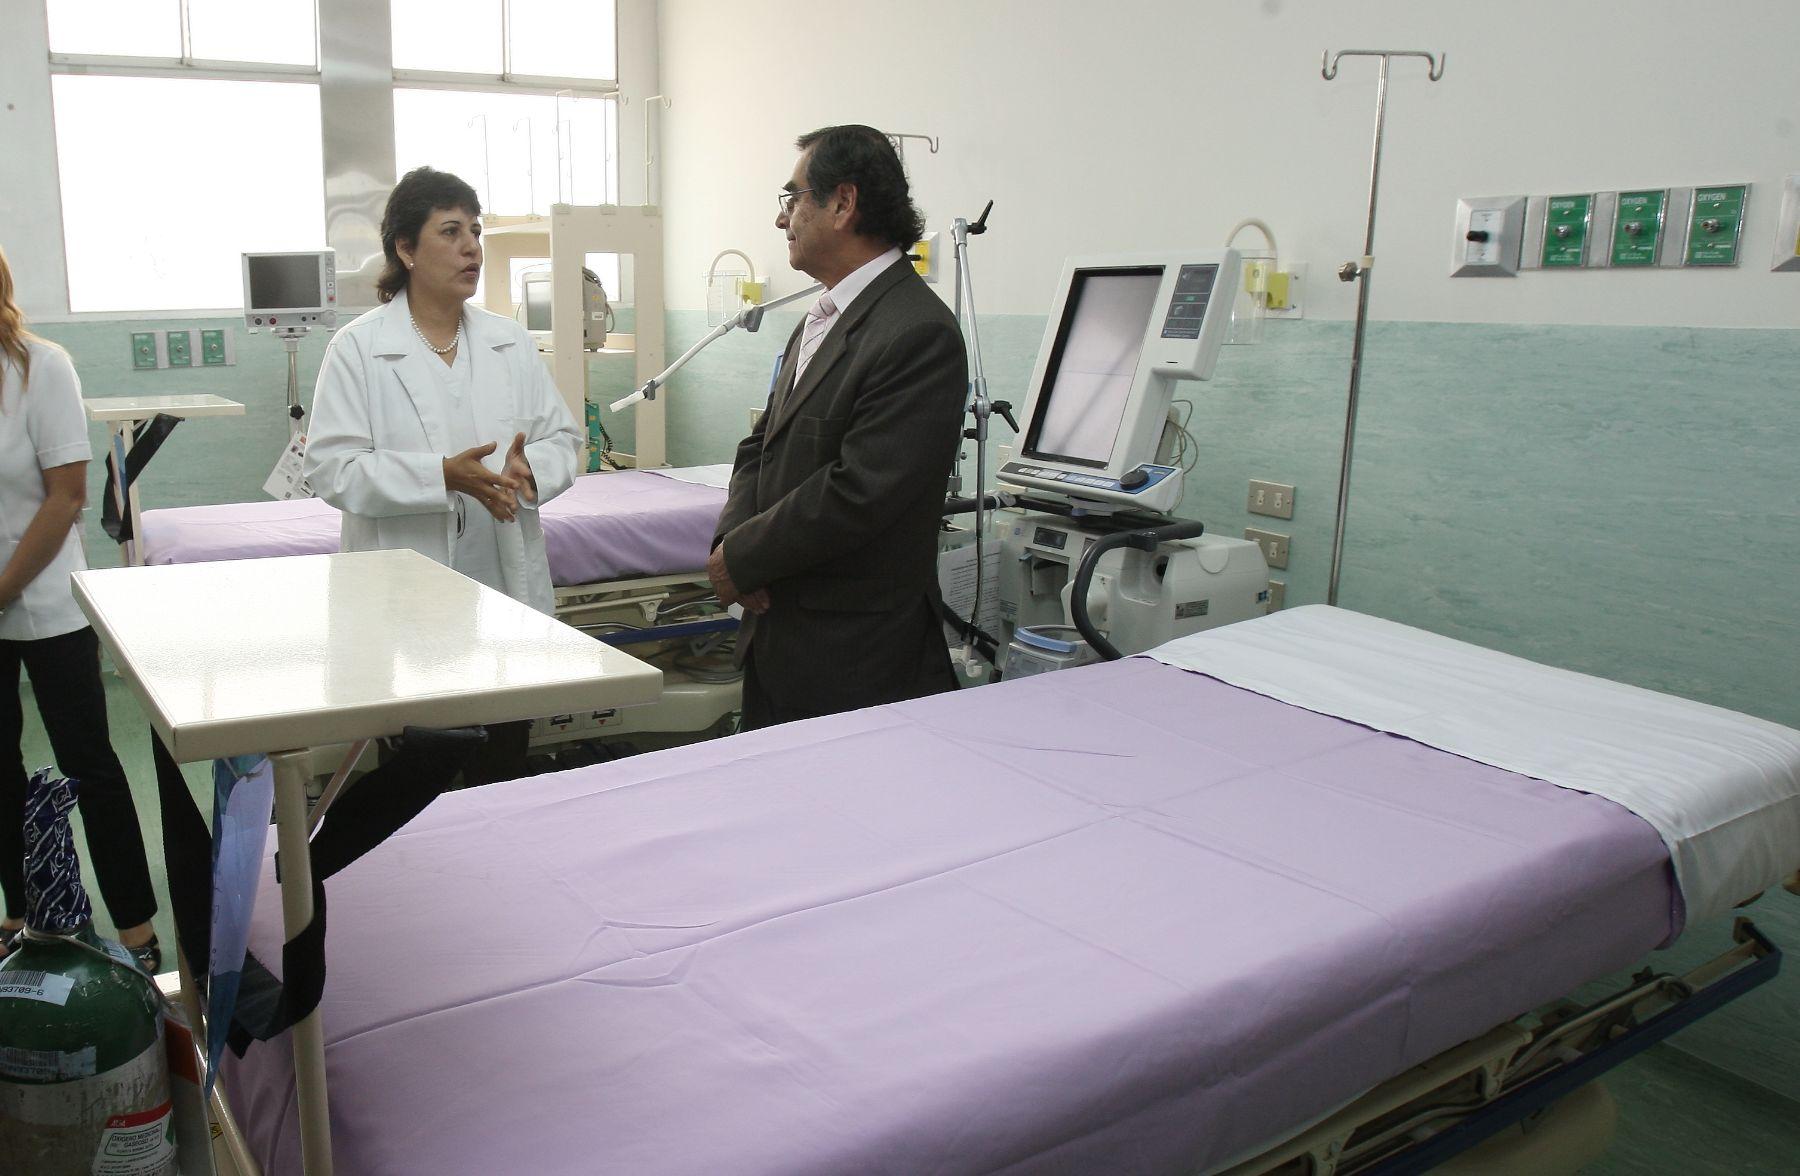 Ministro de Salud, Óscar Ugarte, inauguró remodelada unidad de cuidados intensivos del Instituto Nacional de Salud del Niño. Foto: ANDINA/Norman Córdova.